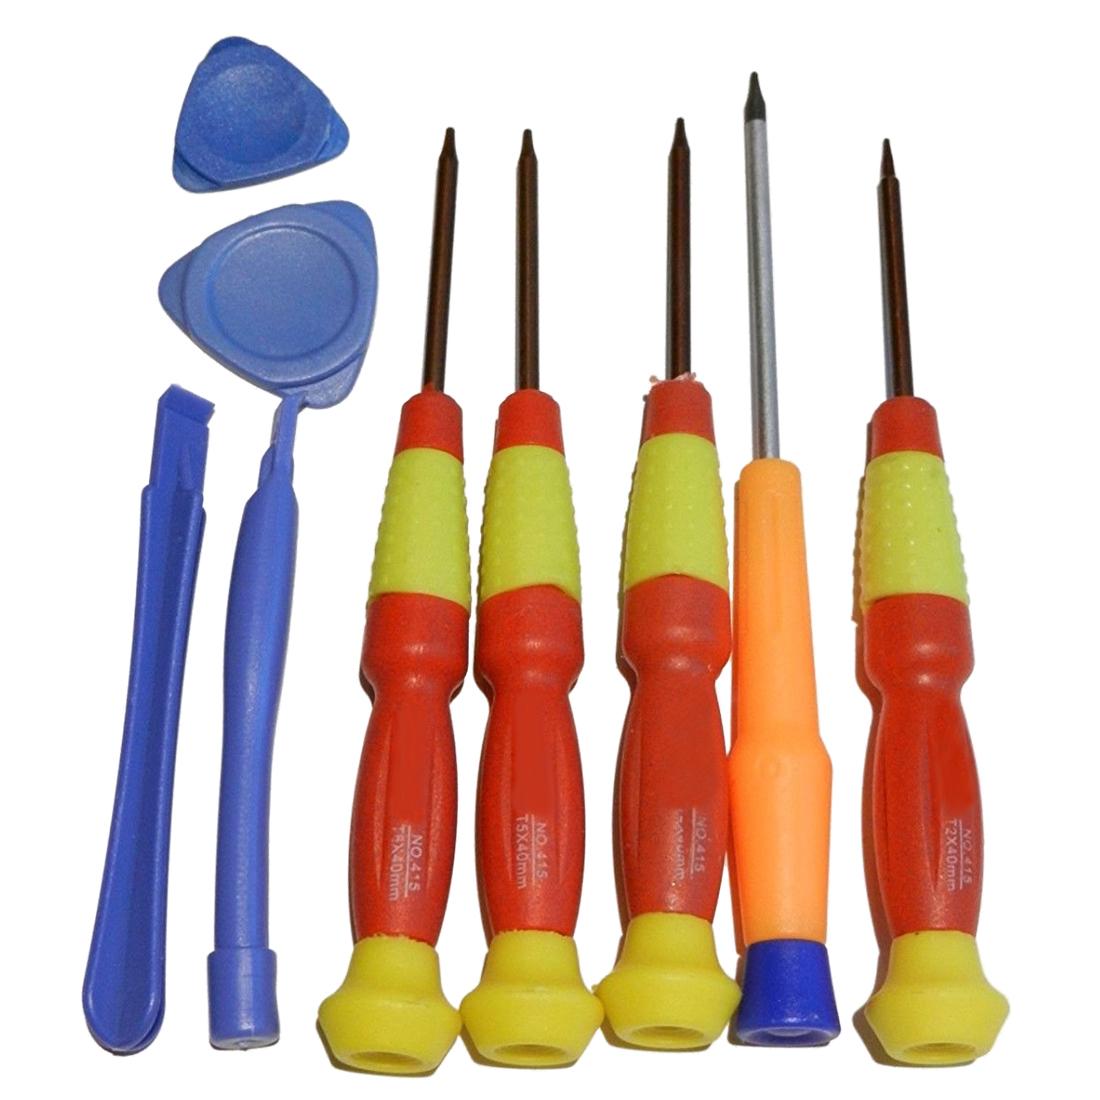 5 en 1 Torx Magnétique Tournevis Réparation Open Hand Set Outils T2 T3 T4 T5 T6 G